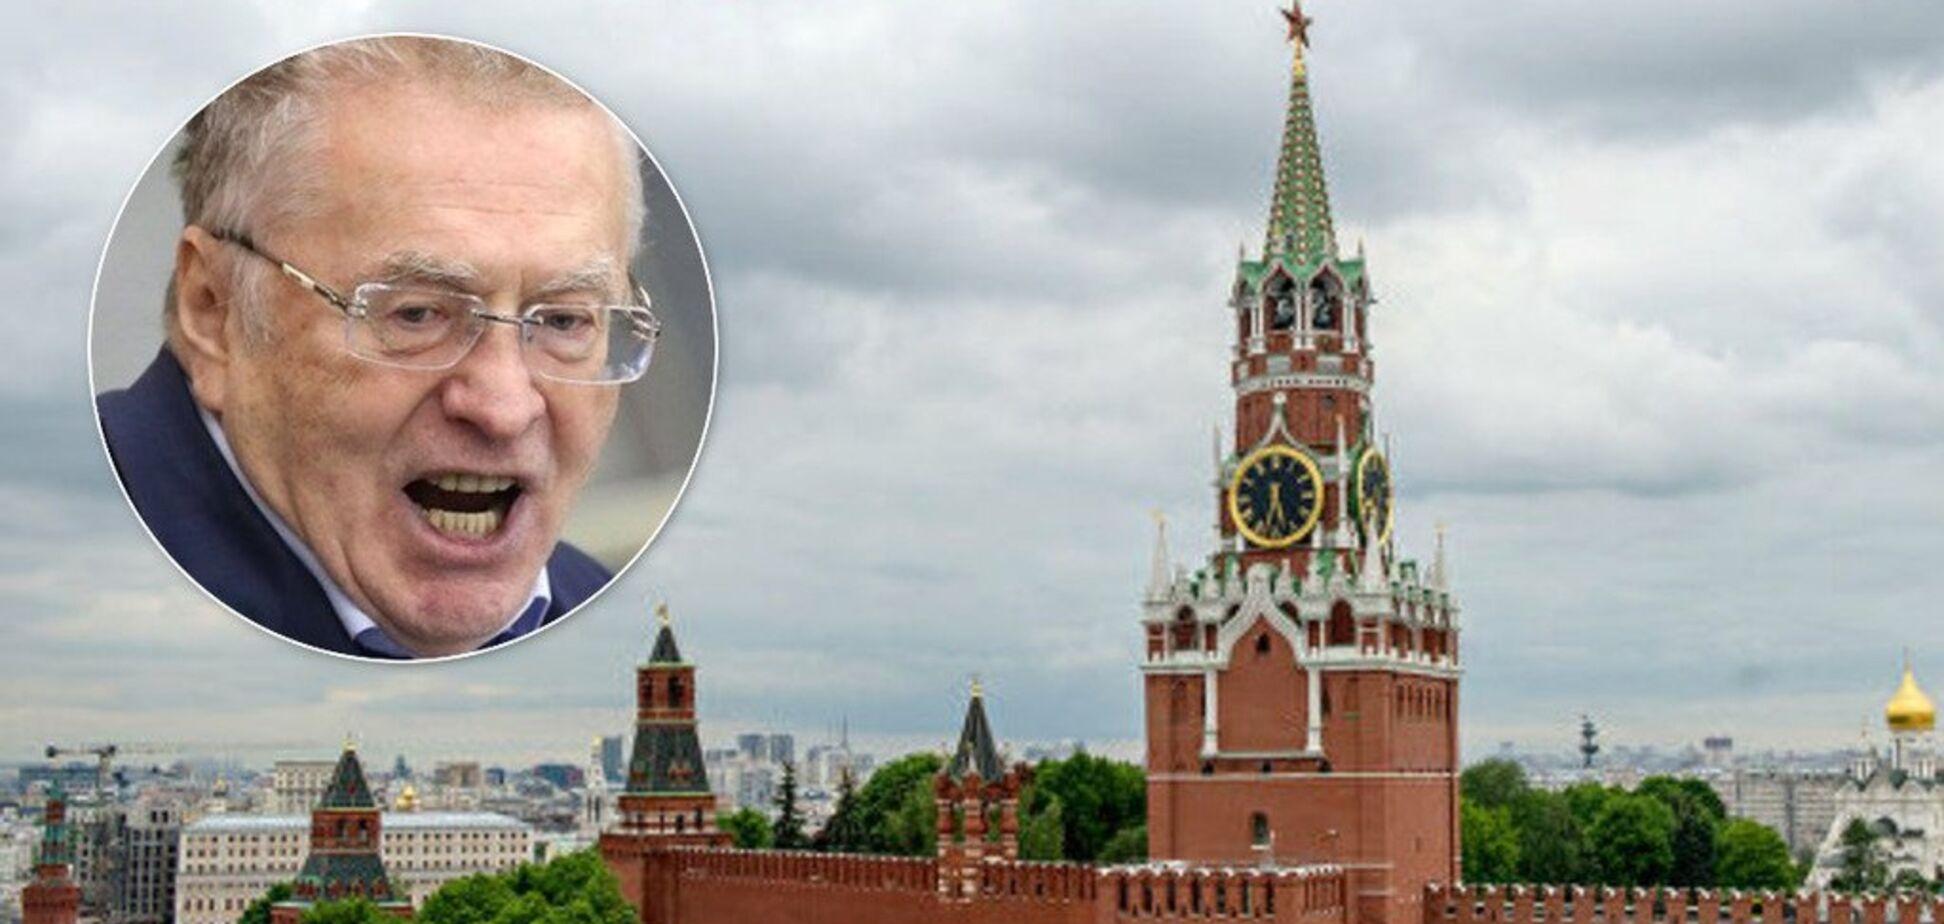 'Львов – Европе, а Киев – нам': в РФ пригрозили захватить Украину после 'нормандского саммита'